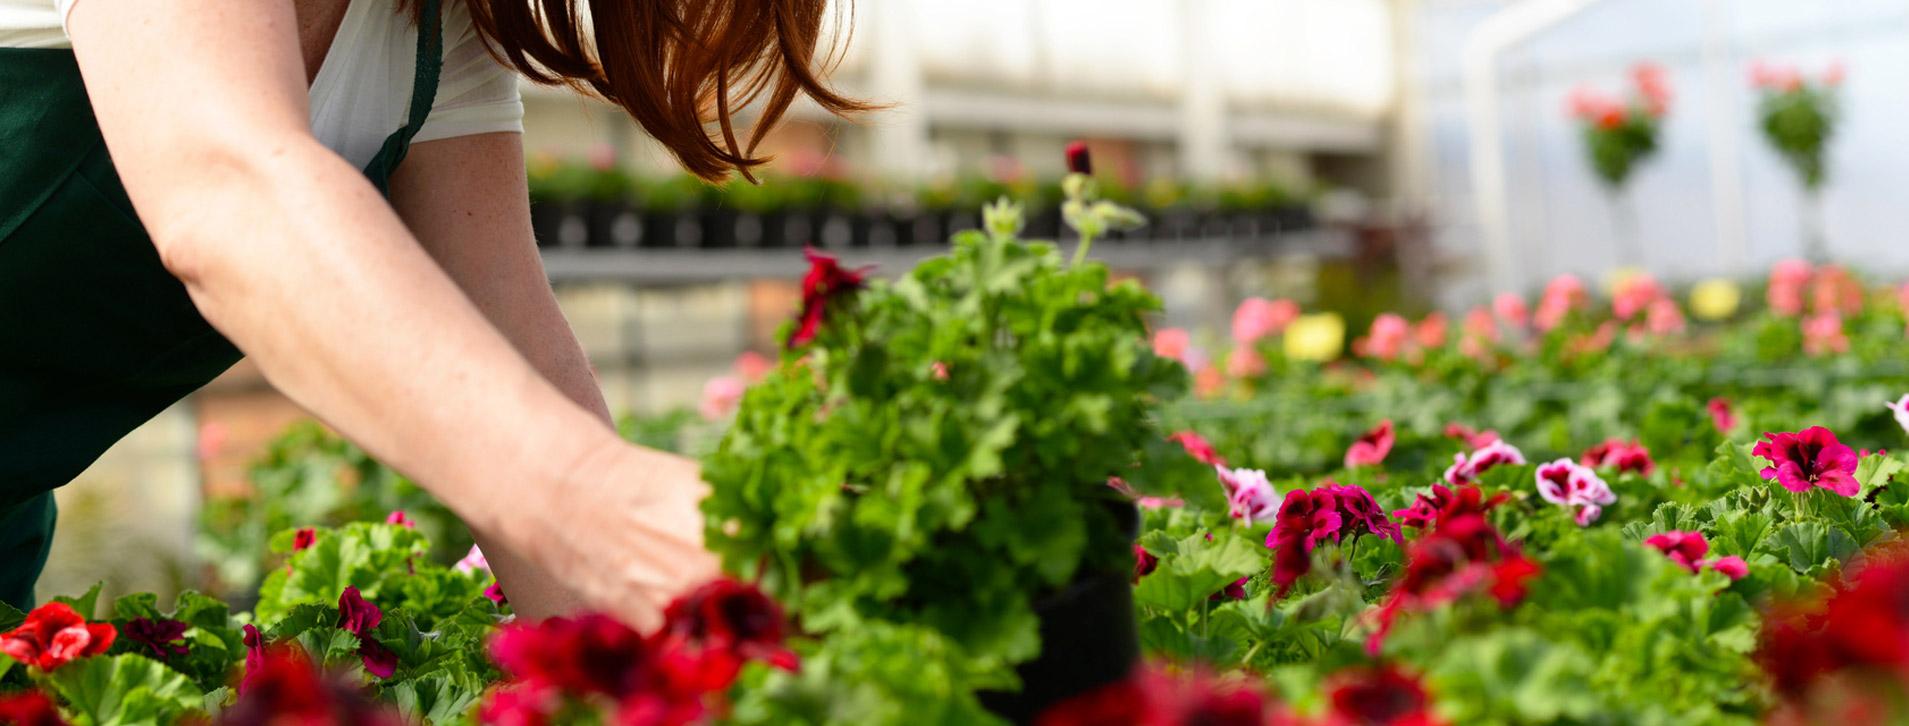 umweltfreundlicher_nachhaltiger_anbau_zierpflanzen_bayern